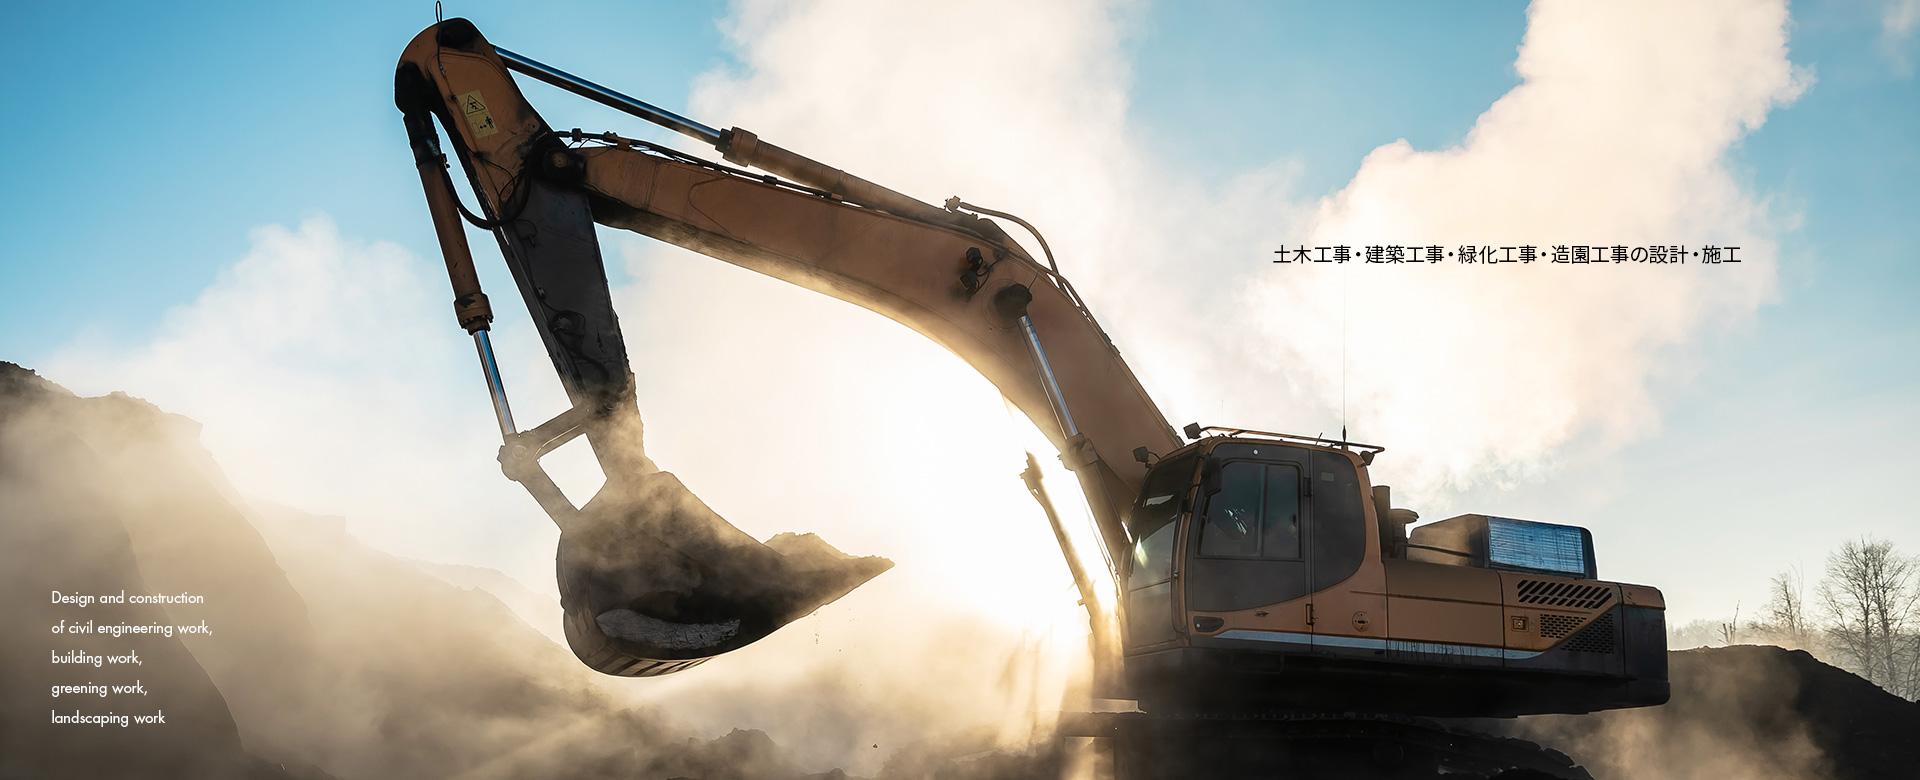 土木工事・建築工事・緑化工事・造園工事の設計・施工